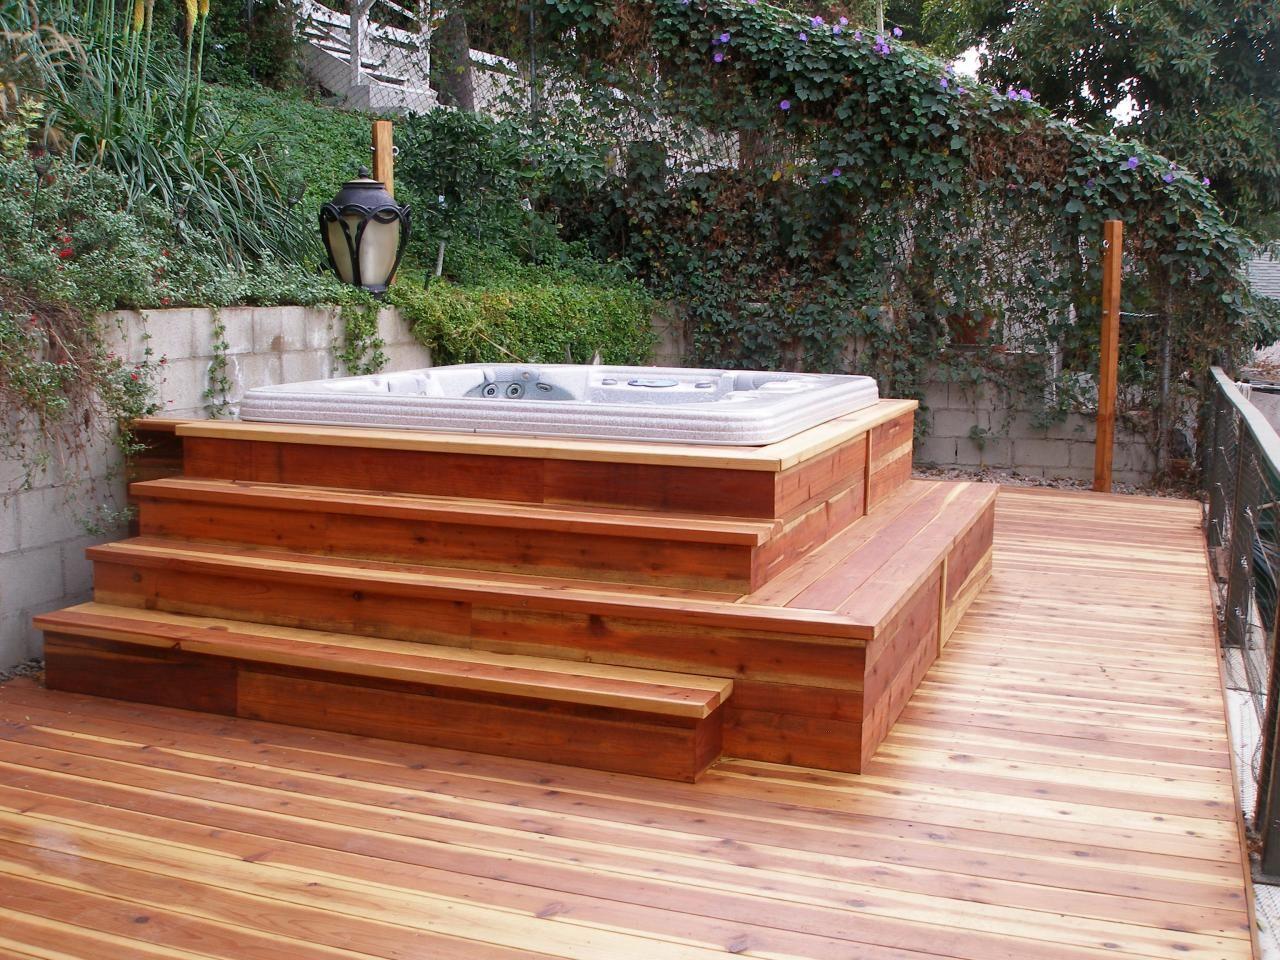 Redwood Deck Design 9 Hot Tub In 2019